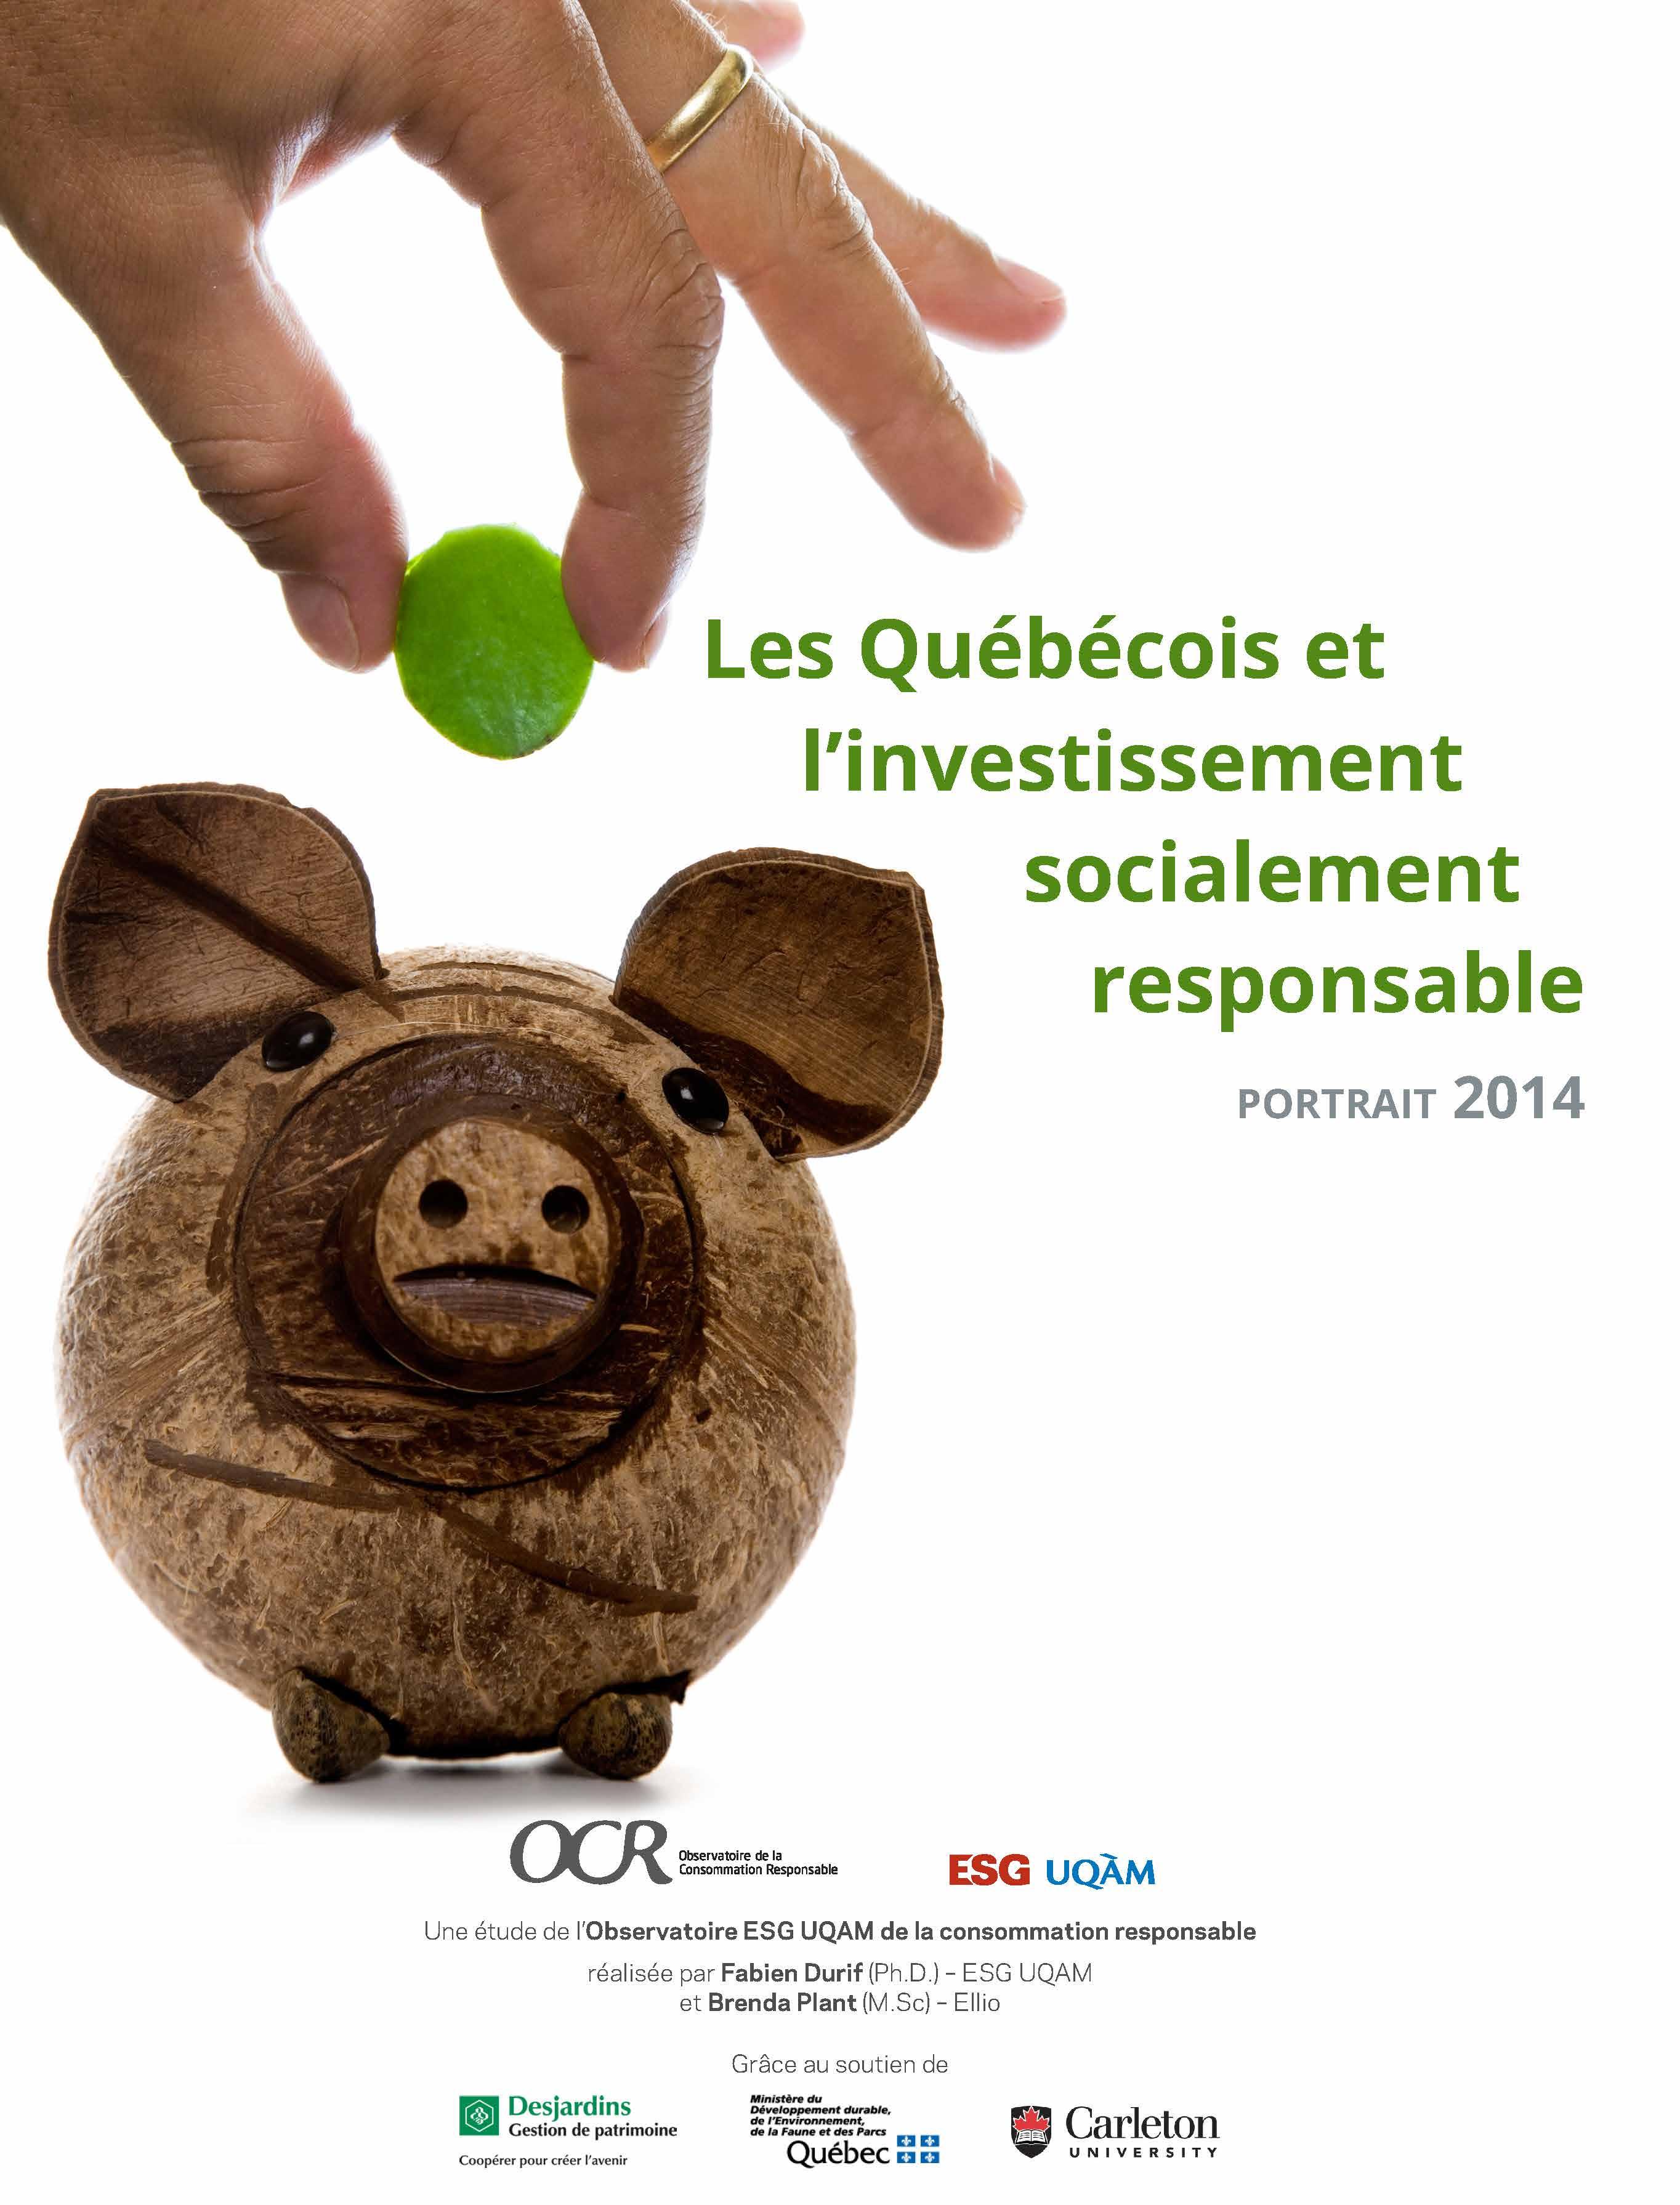 Les Québécois et l'ISR : portrait 2014